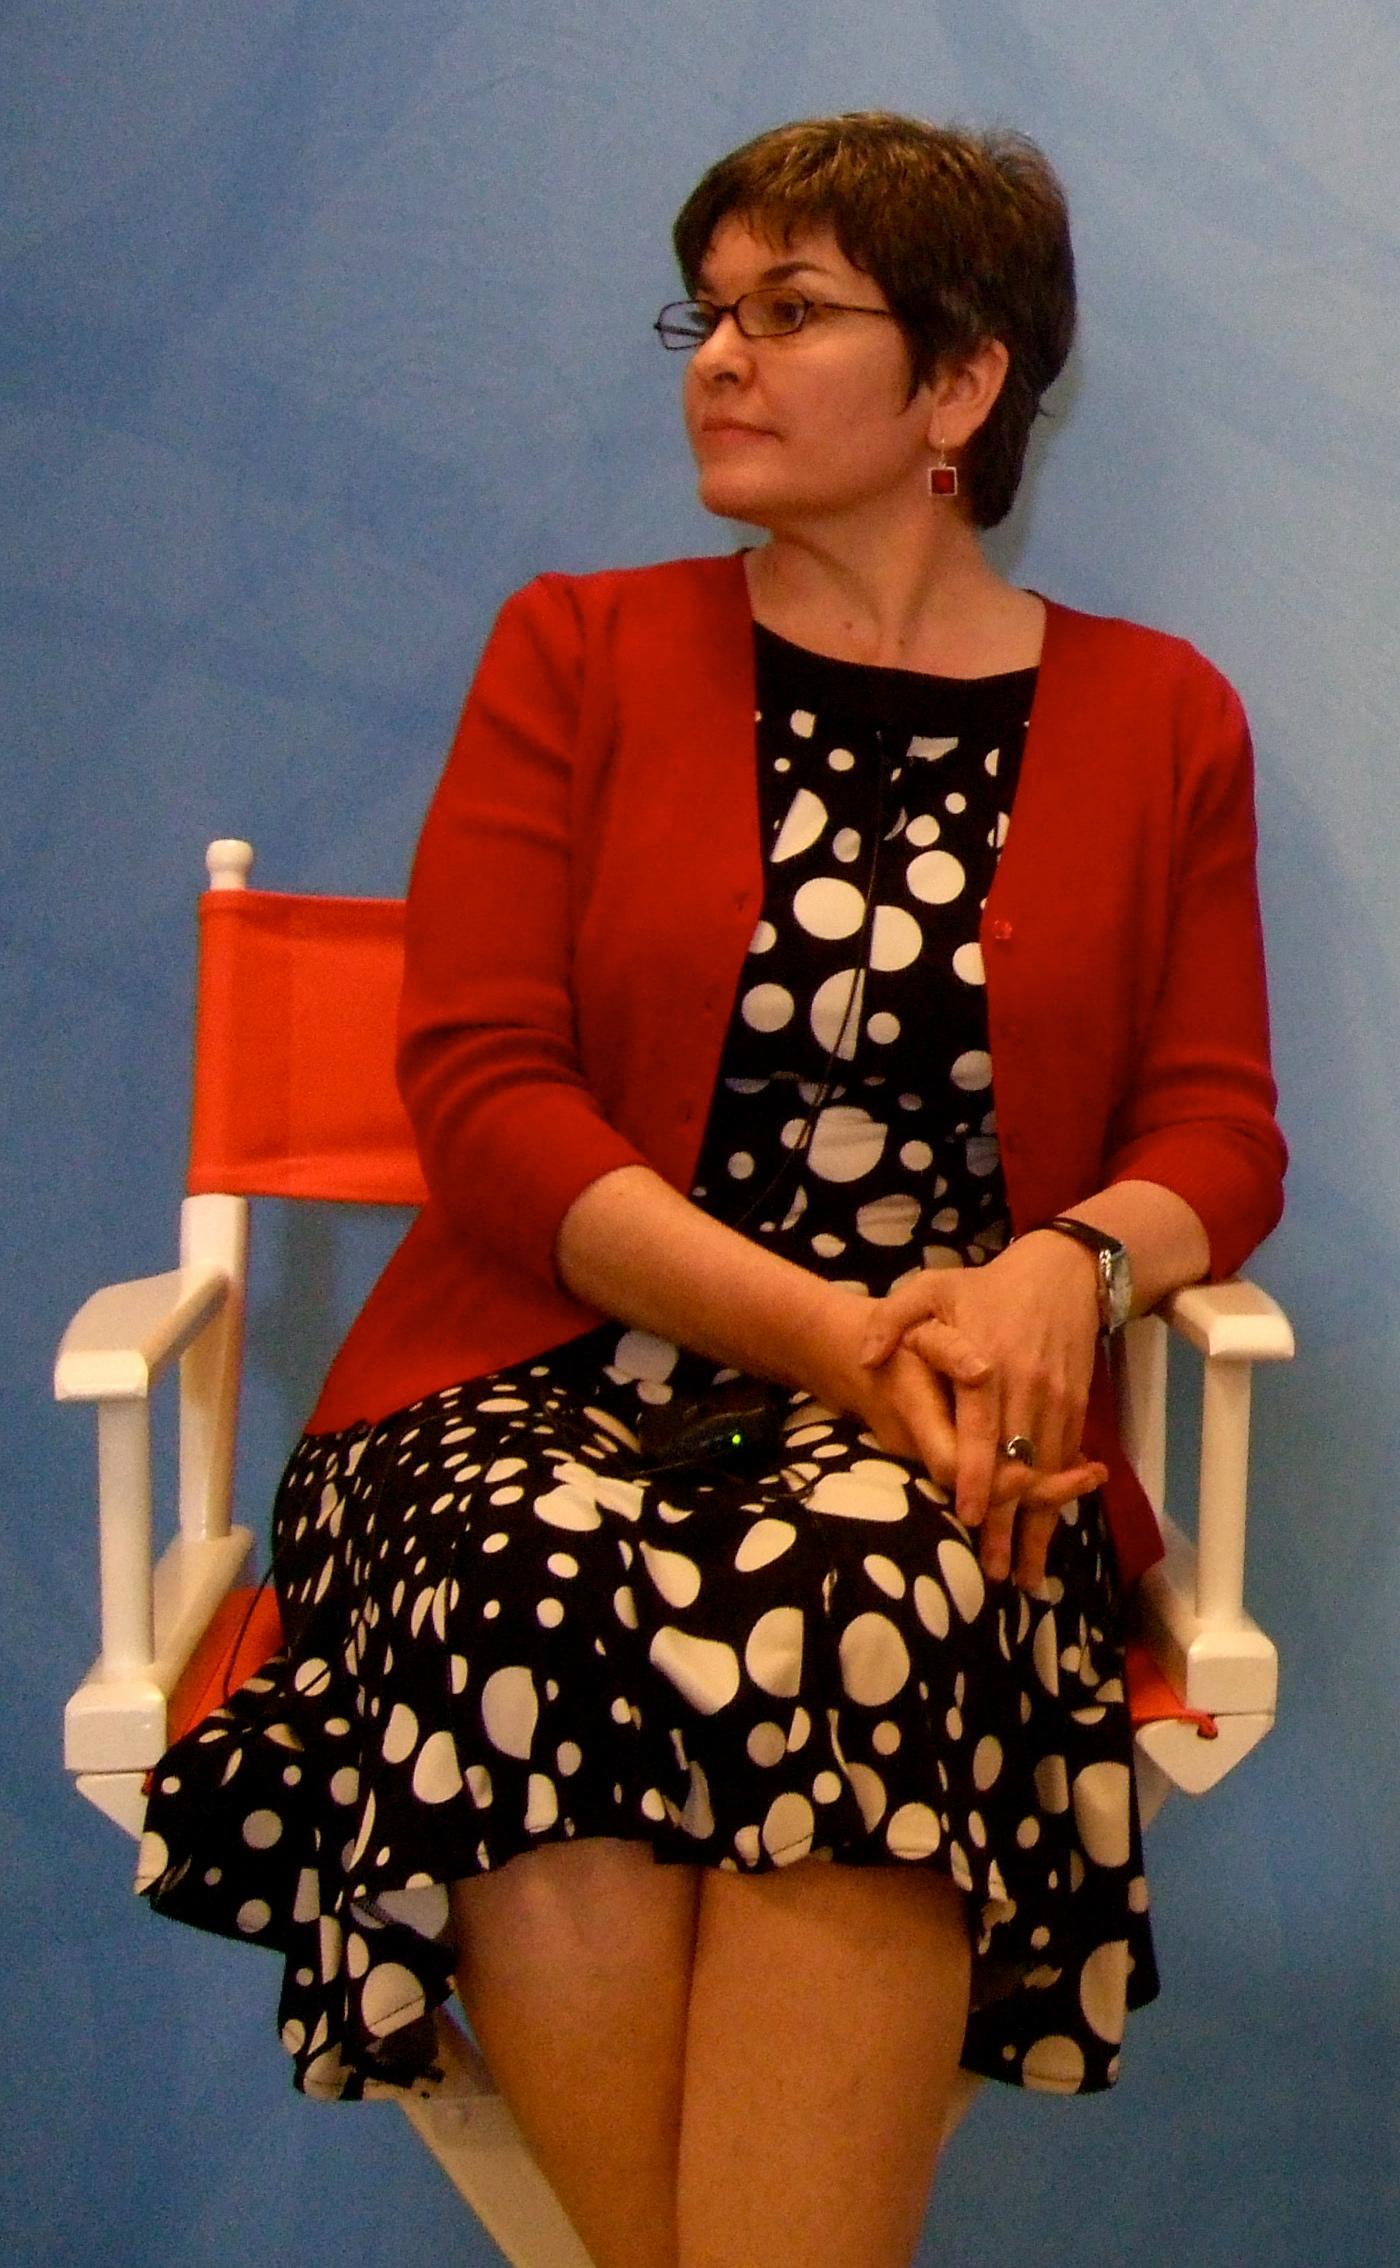 Mary Jo Foley Wikipedia